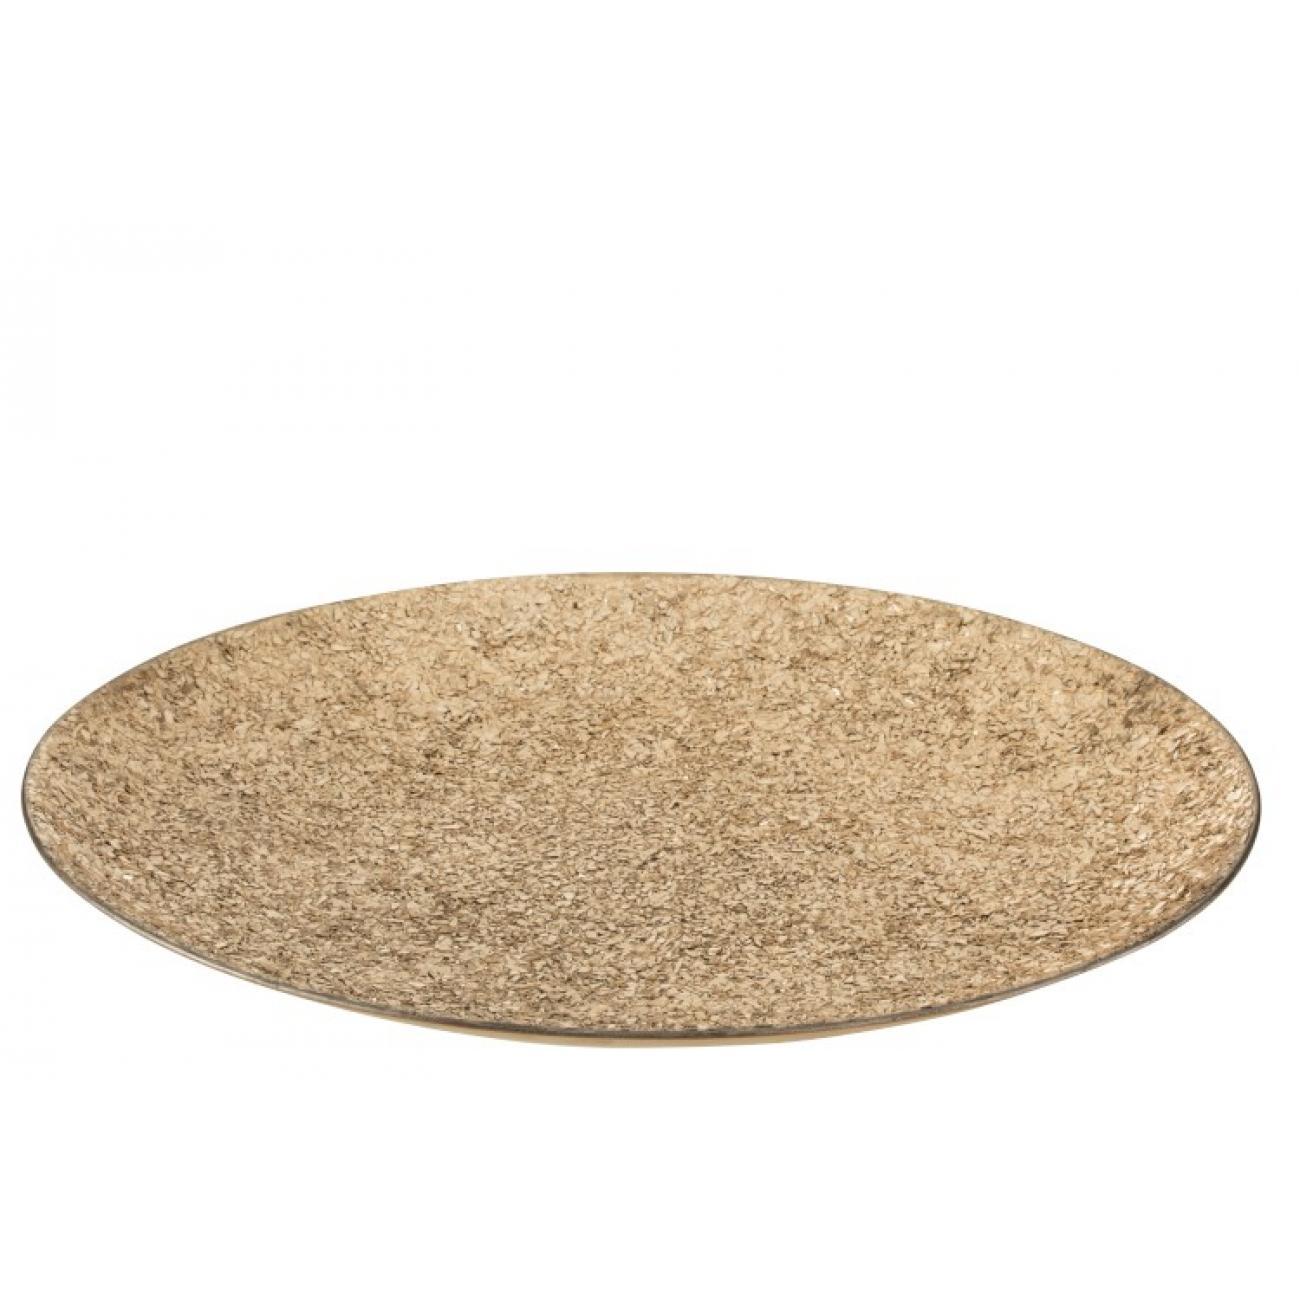 Блюдо J-LINE круглое металлическое со стеклянной крошкой золотистое диаметр 46 см